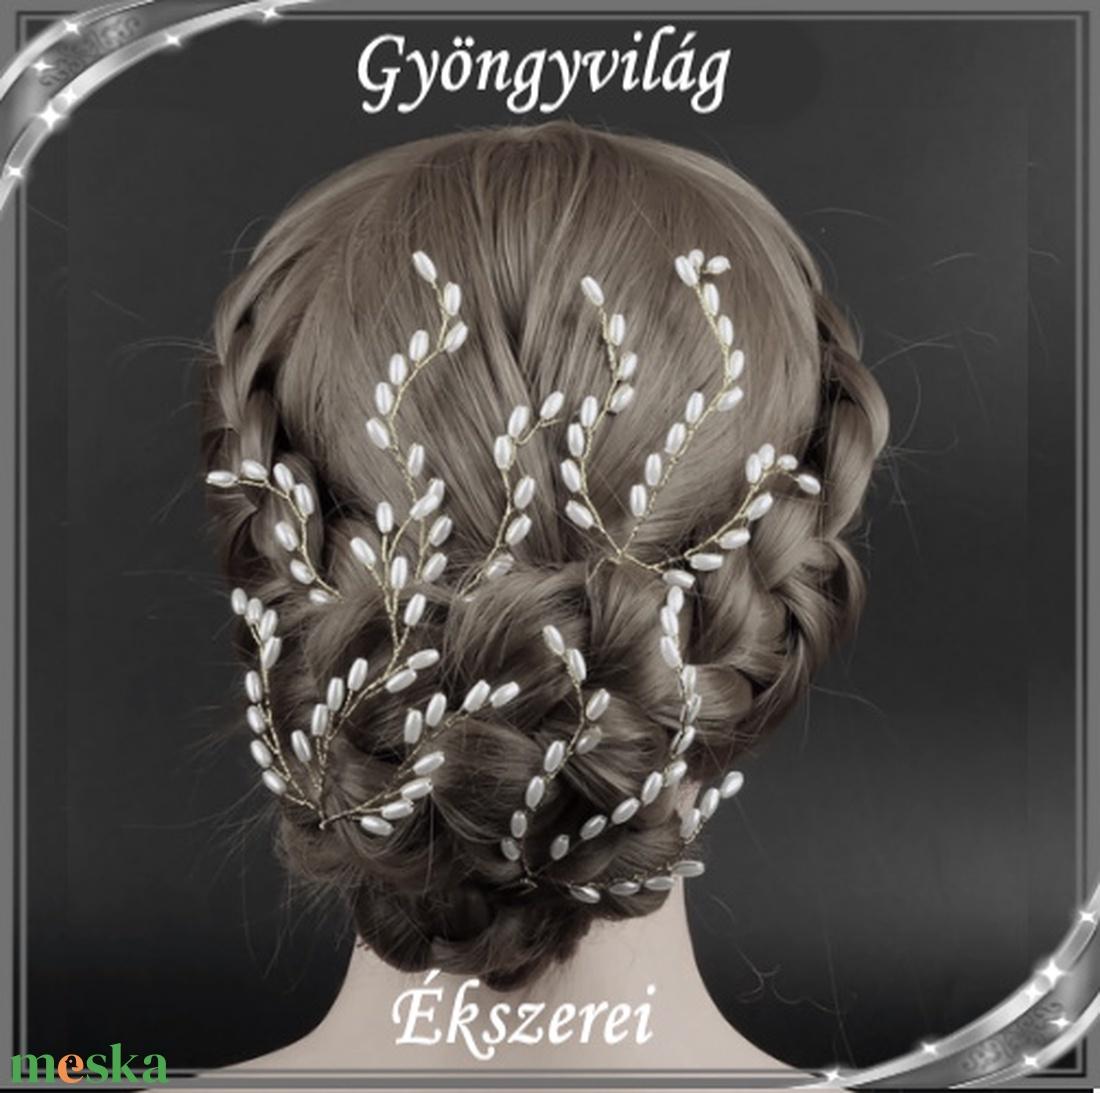 Ékszerek-hajdíszek, hajcsatok: Esküvői, menyasszonyi, alkalmi hajdísz S-H-TŰ14e fehér szett(4db) - esküvő - hajdísz - fésűs hajdísz - Meska.hu